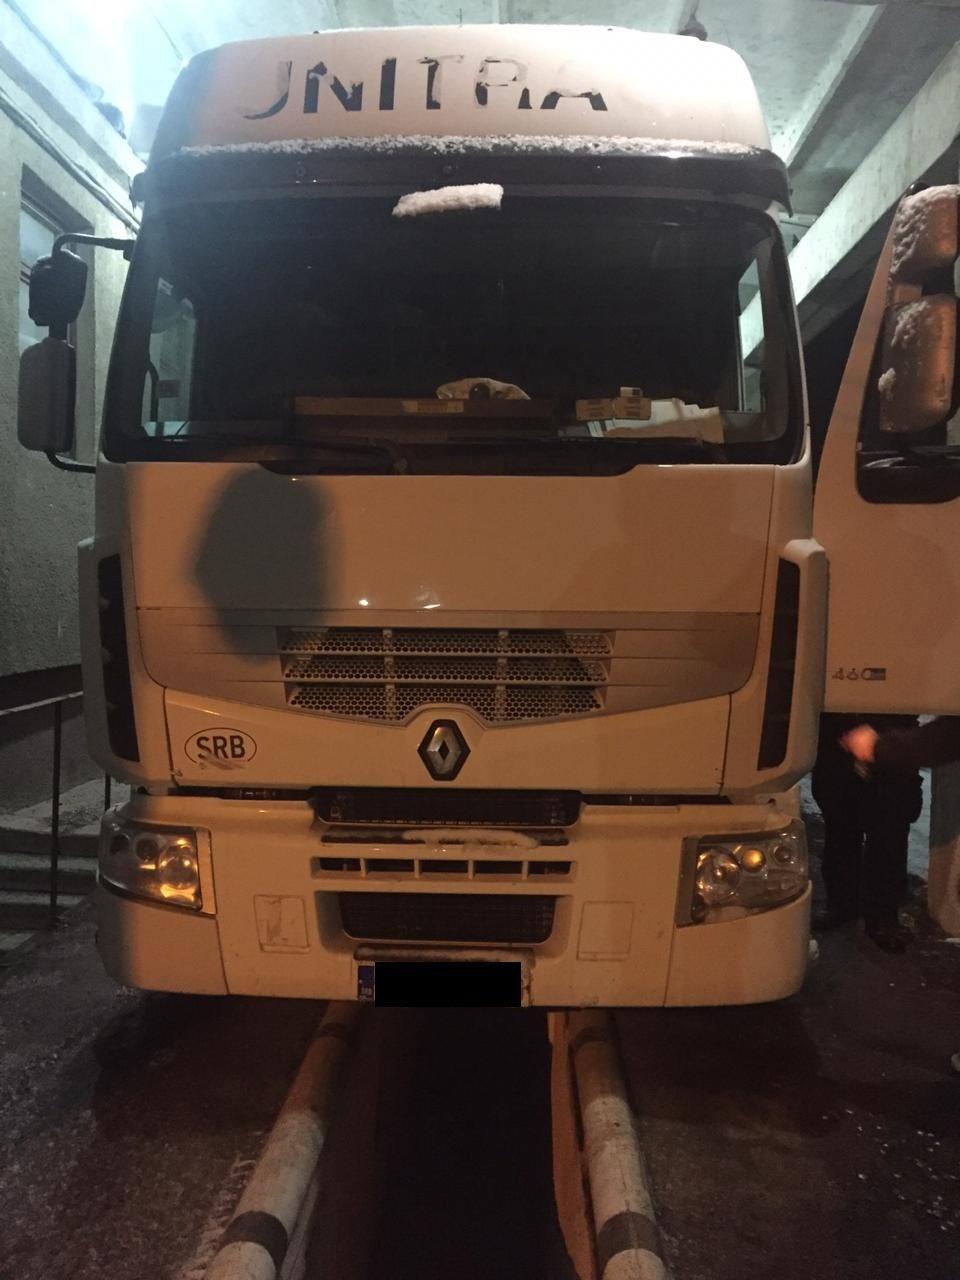 Закарпатські прикордонники забрали у водія тягач через приховані 1090 пачок цигарок (ФОТО), фото-3